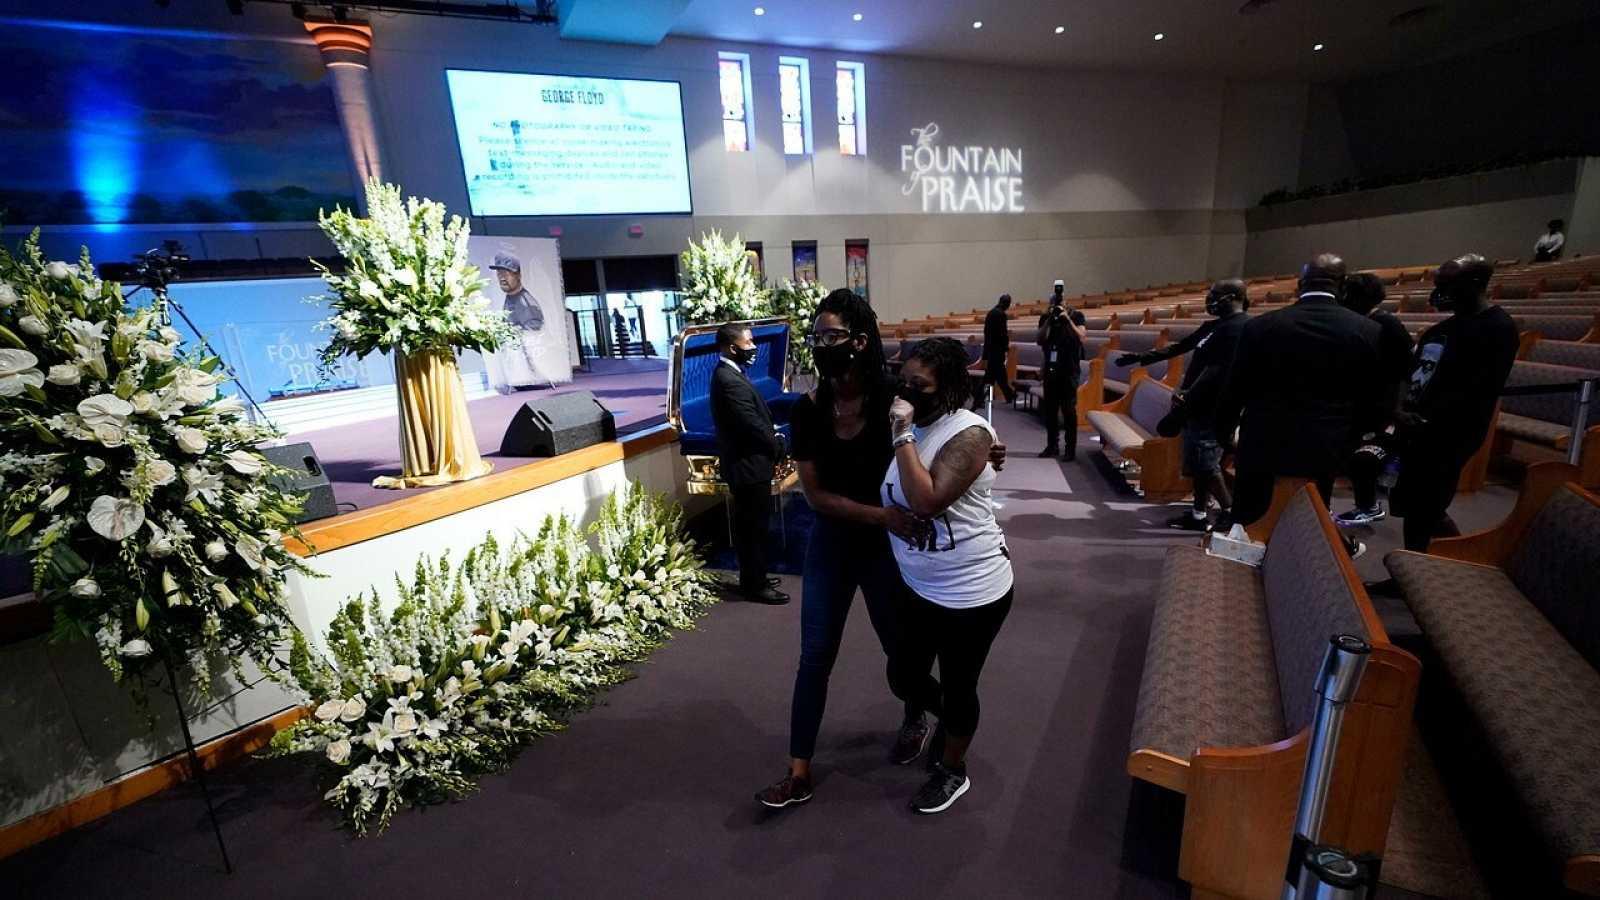 Asistentes al velatorio de Floyd le dan el último adiós en Houston, Texas